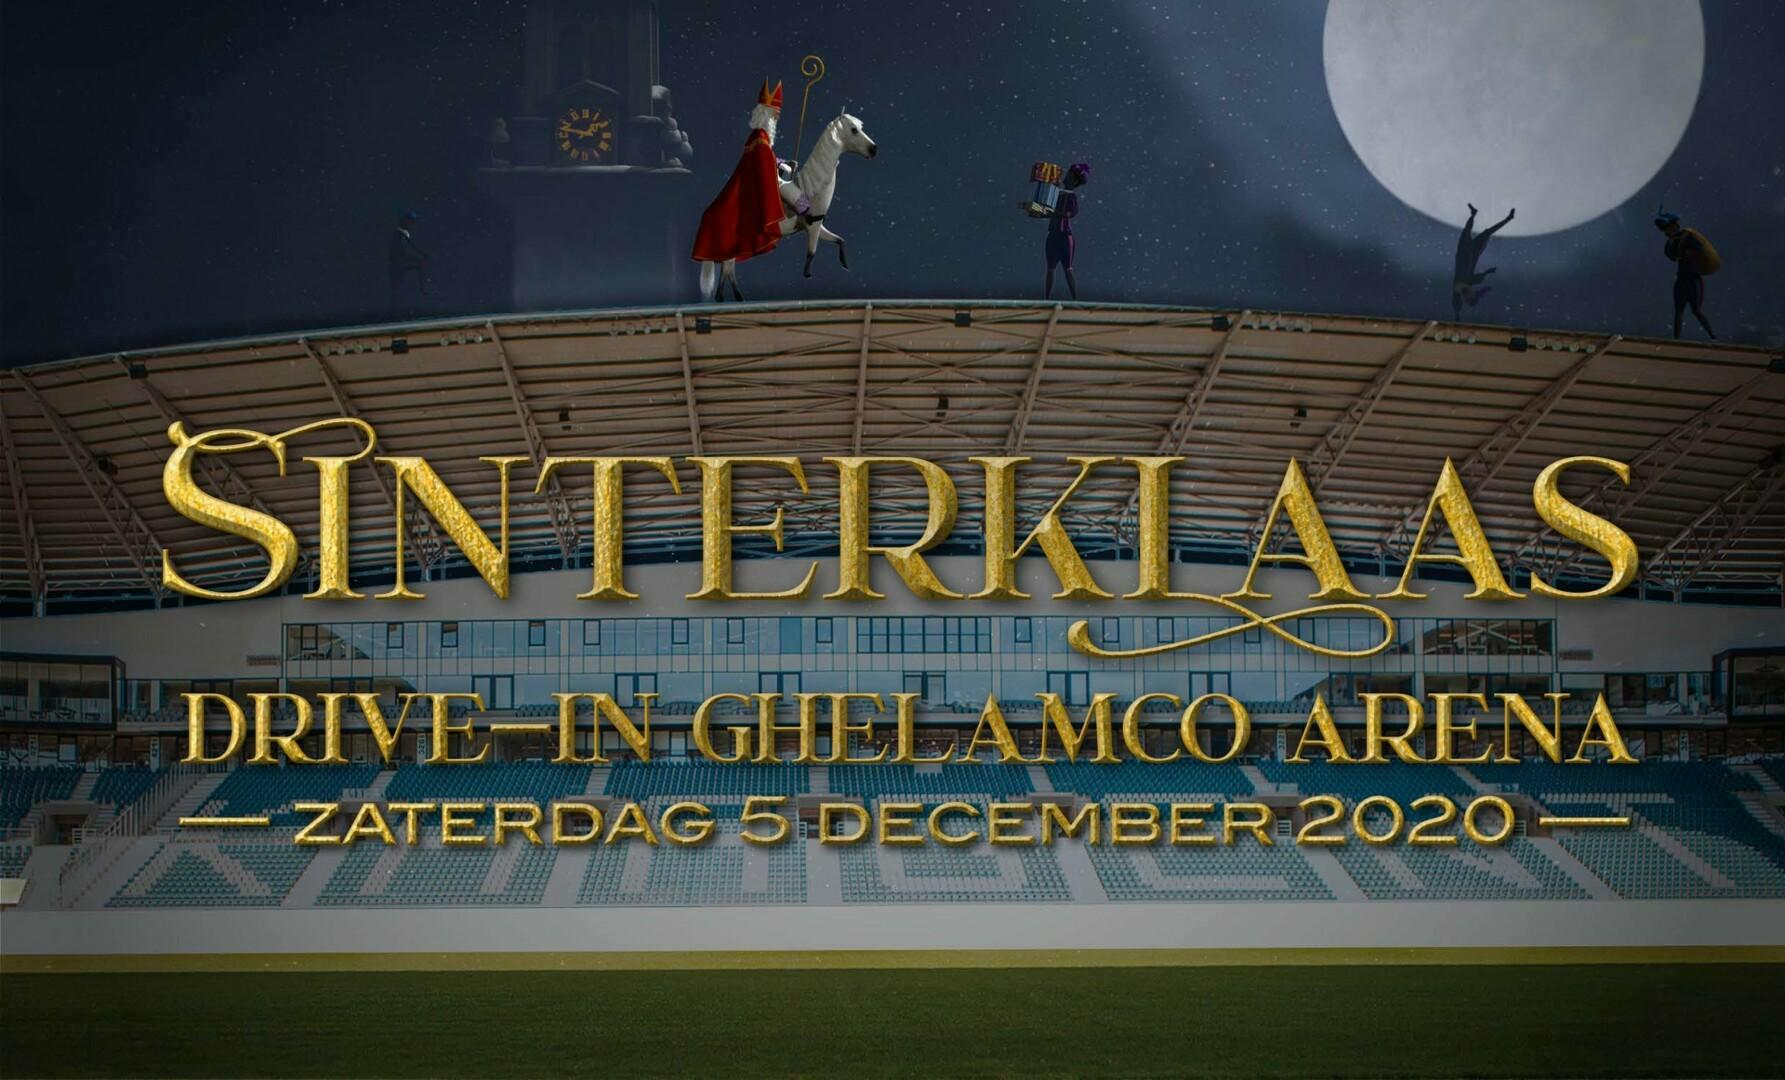 De Sint Drive-In in de Ghelamco Arena!